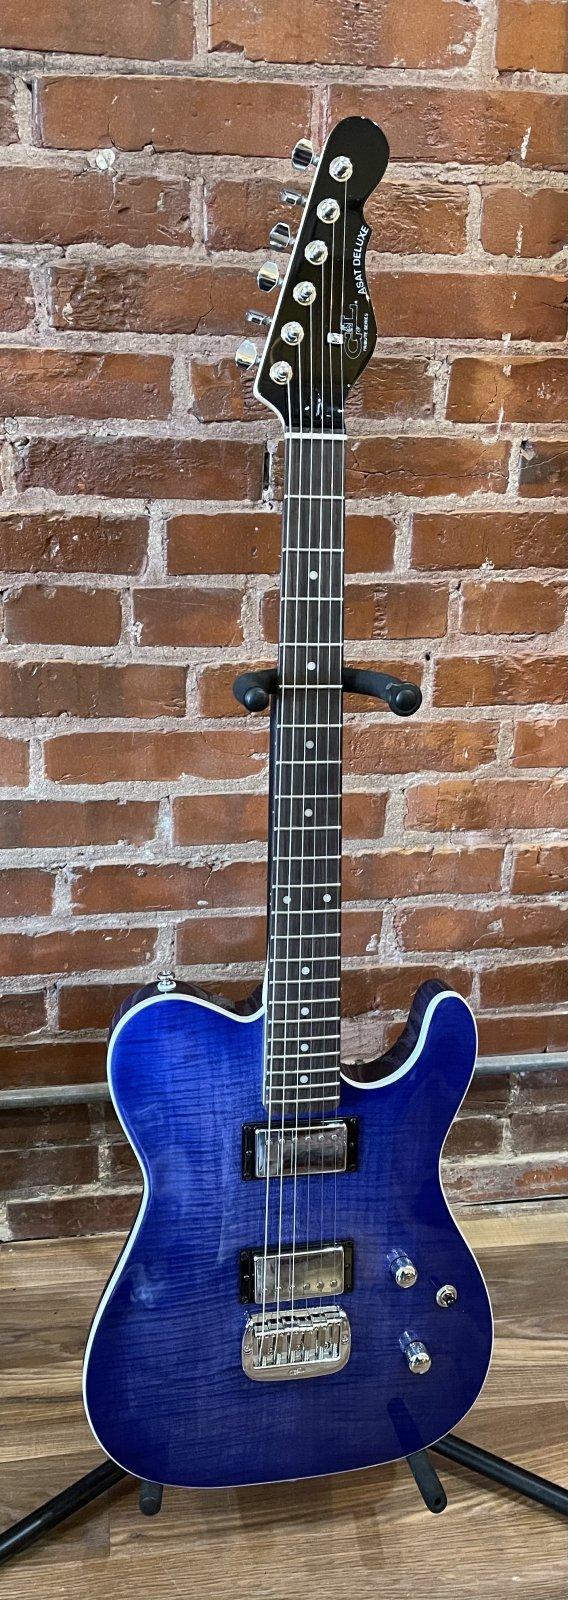 G&L Tribute Series ASAT Deluxe Blueburst